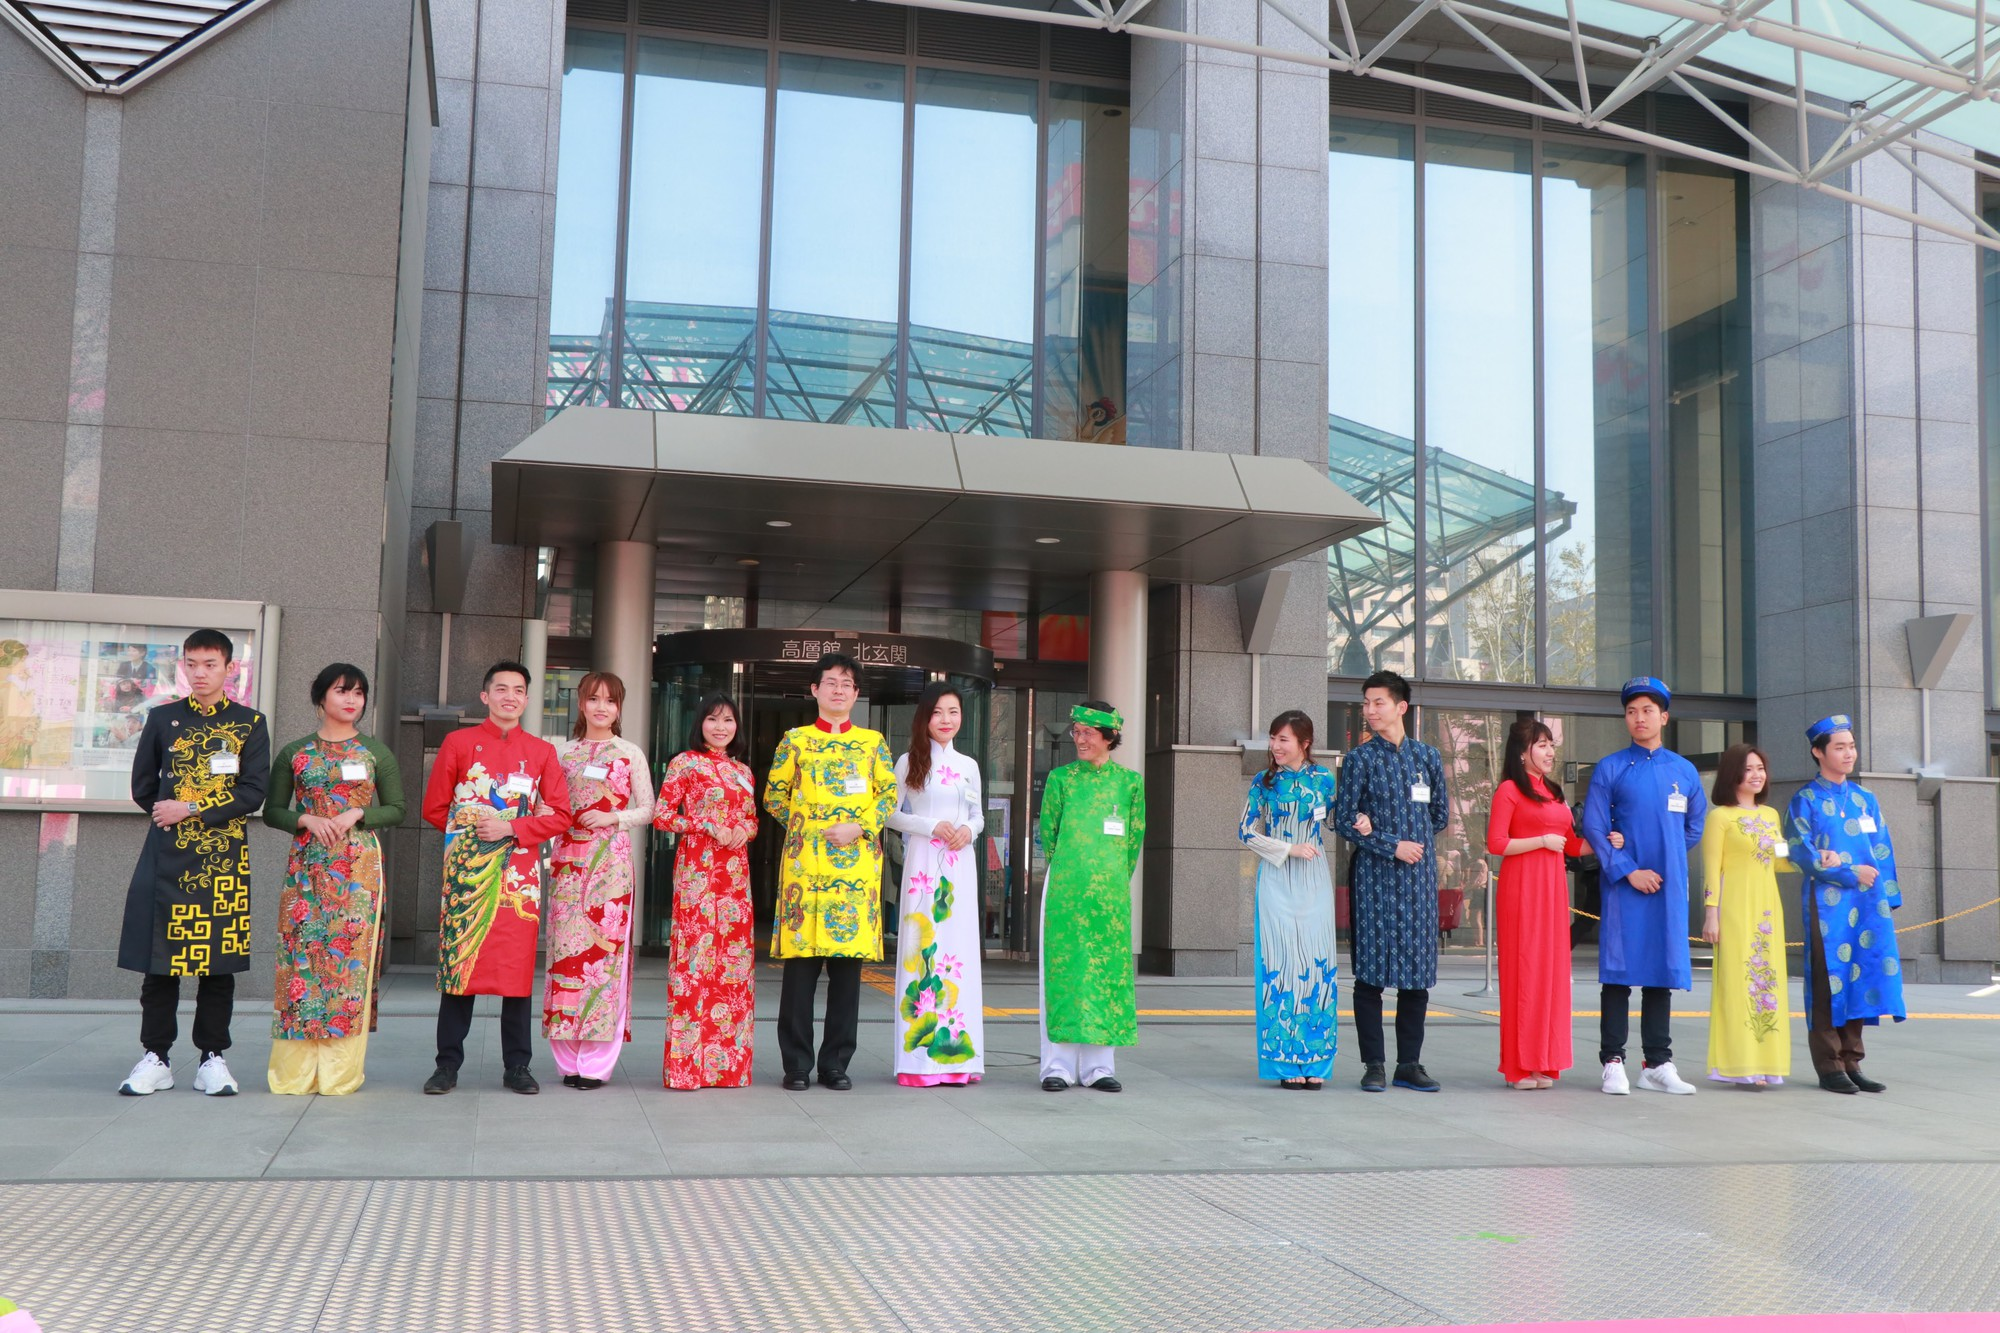 Vũ Cát Tường đến Nhật, quậy tưng bừng cùng du học sinh tại Lễ hội văn hóa Việt Nam 2018 - Ảnh 11.